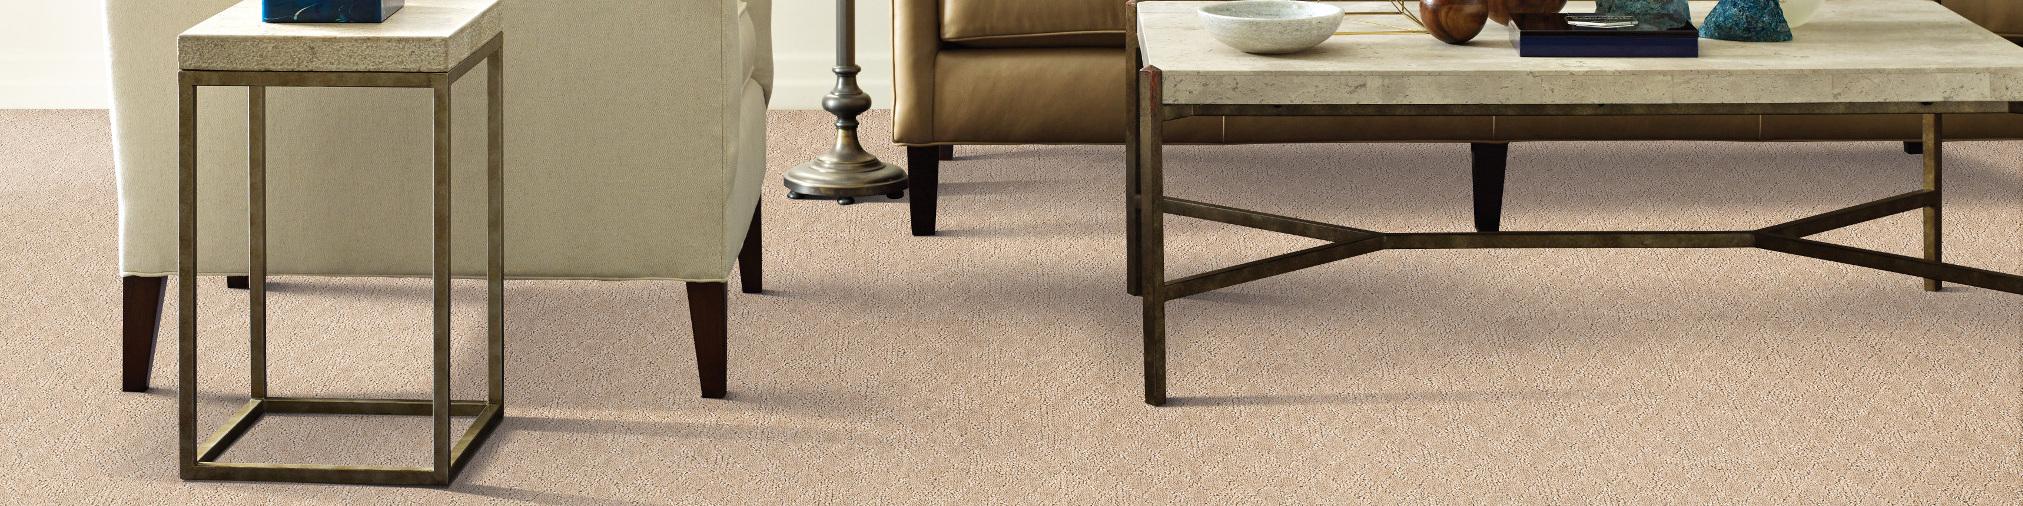 Carpet-Transcending-5E329-00110-Living-Room-2019